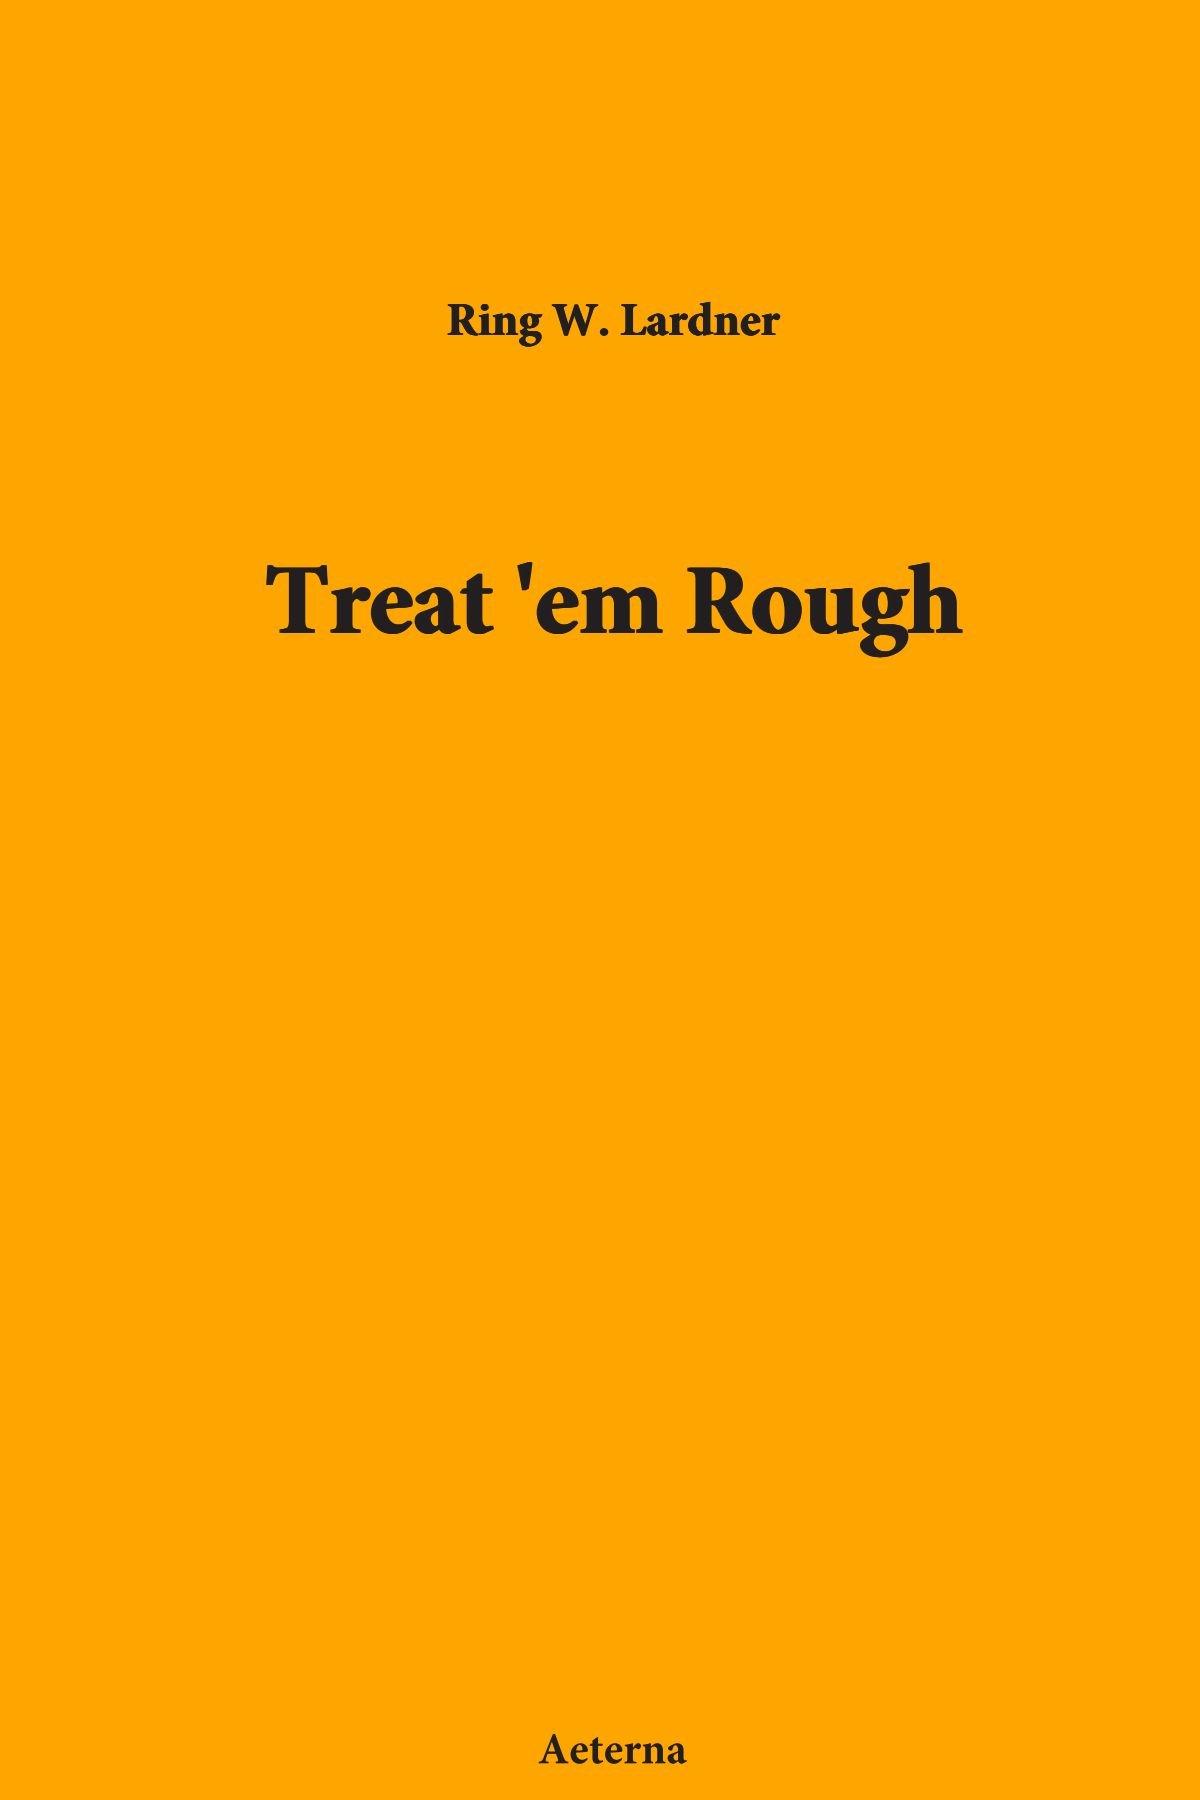 Download Treat 'em Rough ebook